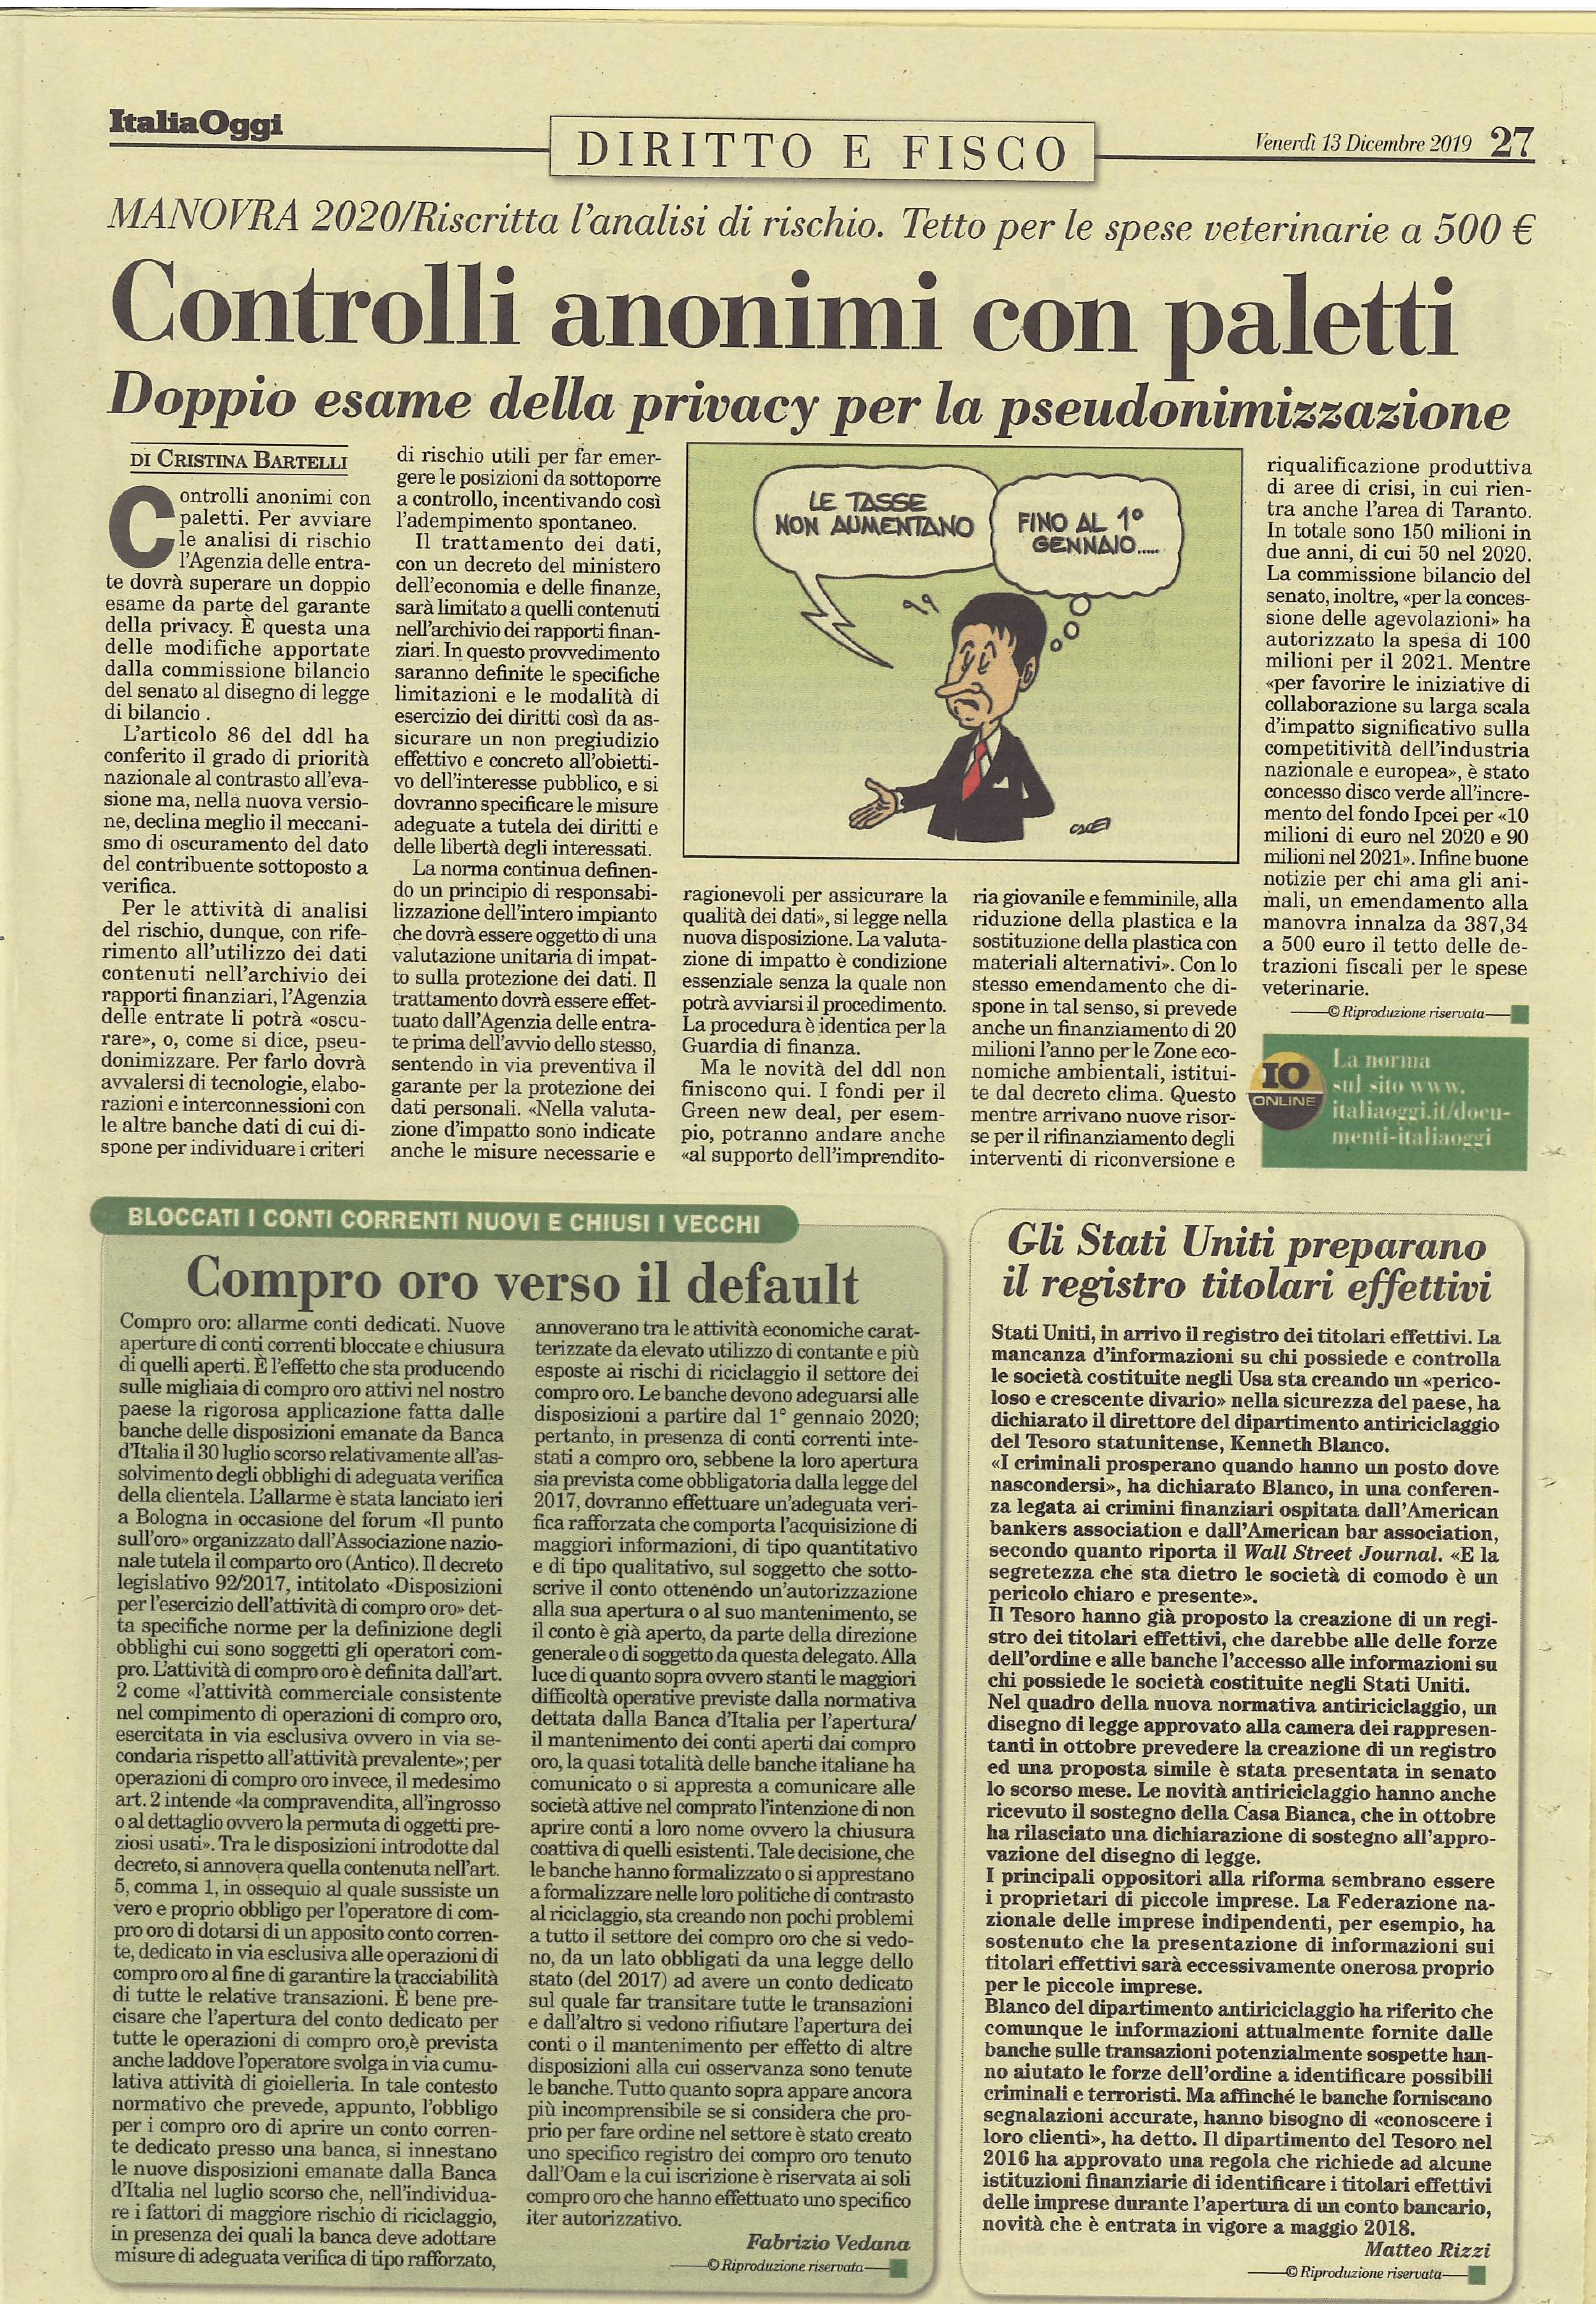 COMPRO ORO VERSO IL DEFAULT - ITALIA OGGI